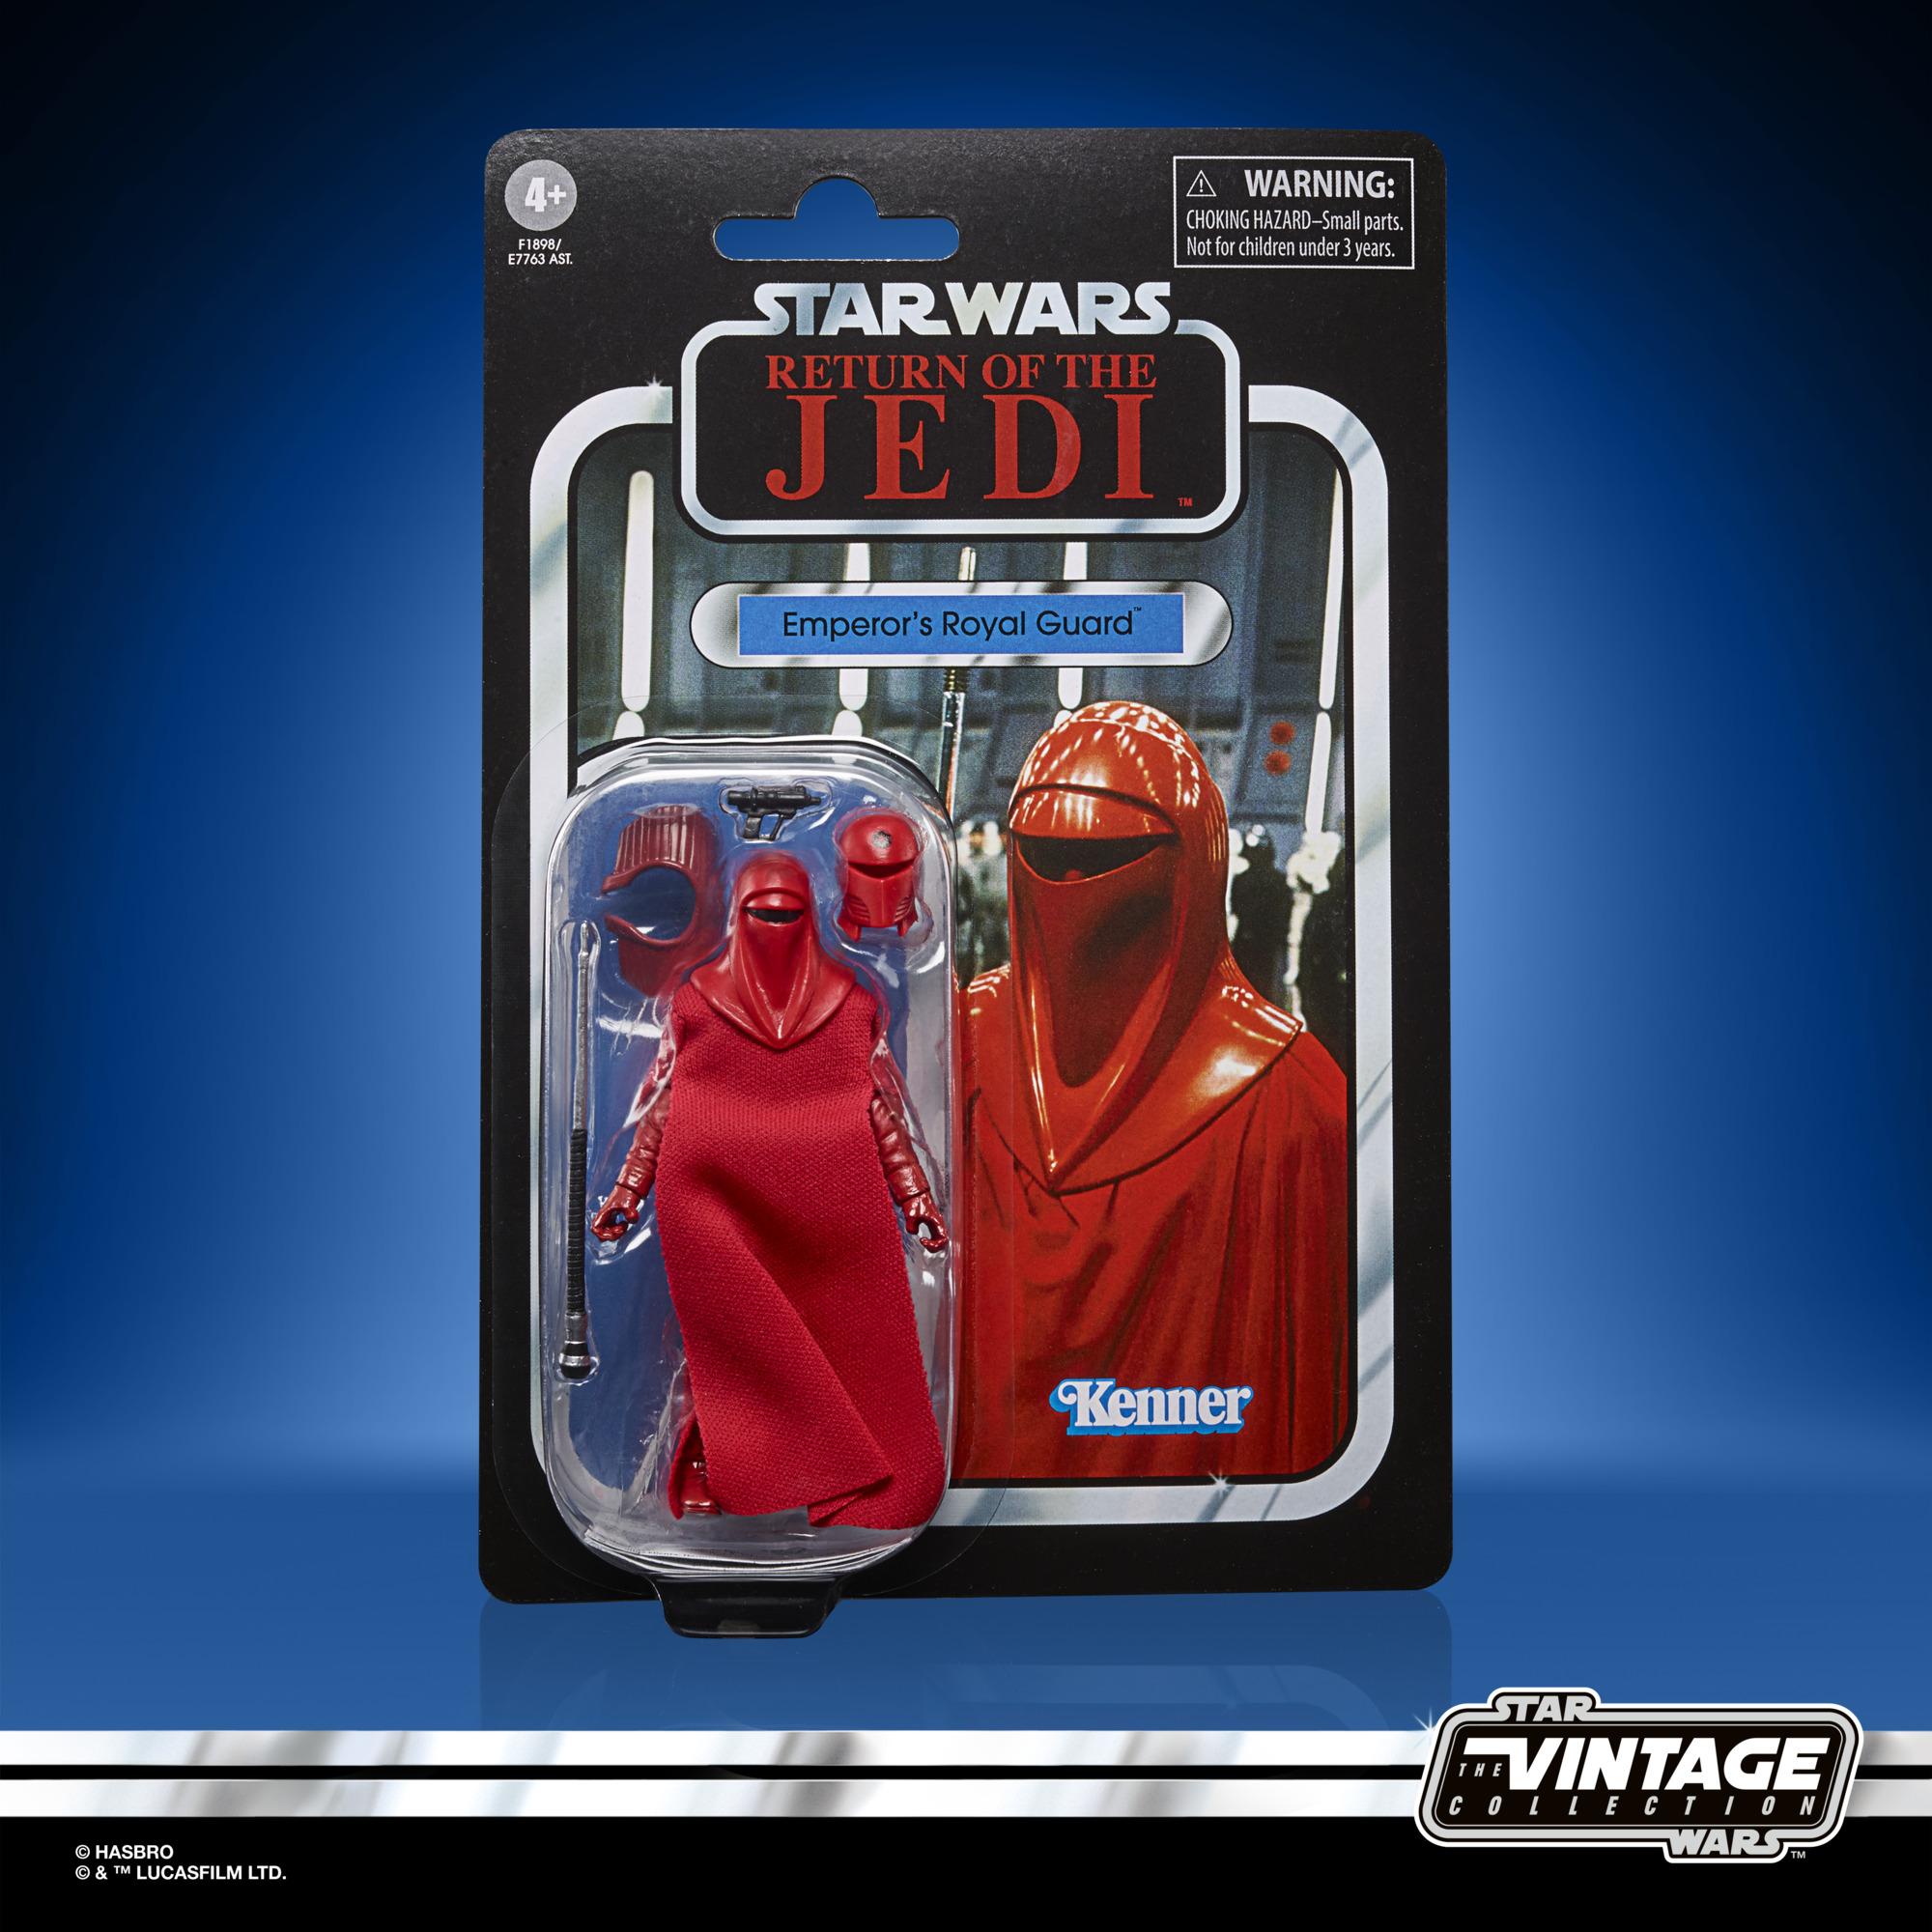 Star Wars The Vintage Collection S3 Figures Assortment (4) Wave 8 E77635L07 E77635L07 5010993736898